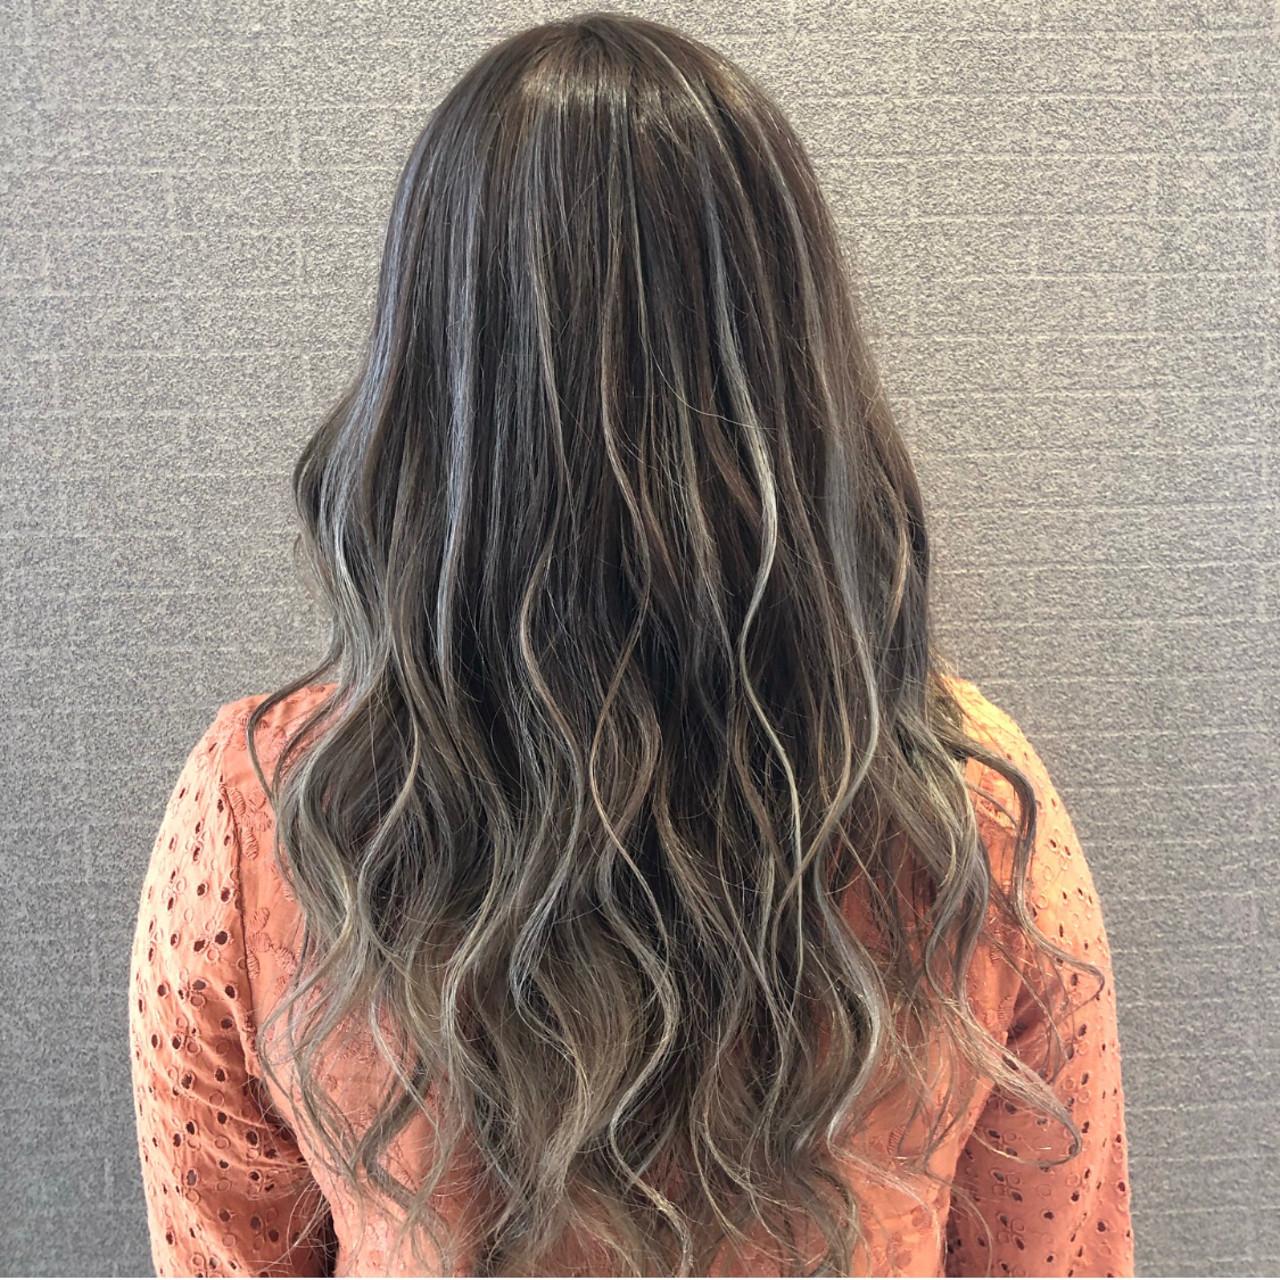 外国人風 成人式 デート セミロング ヘアスタイルや髪型の写真・画像 | アンドウ ユウ / Agu hair edge